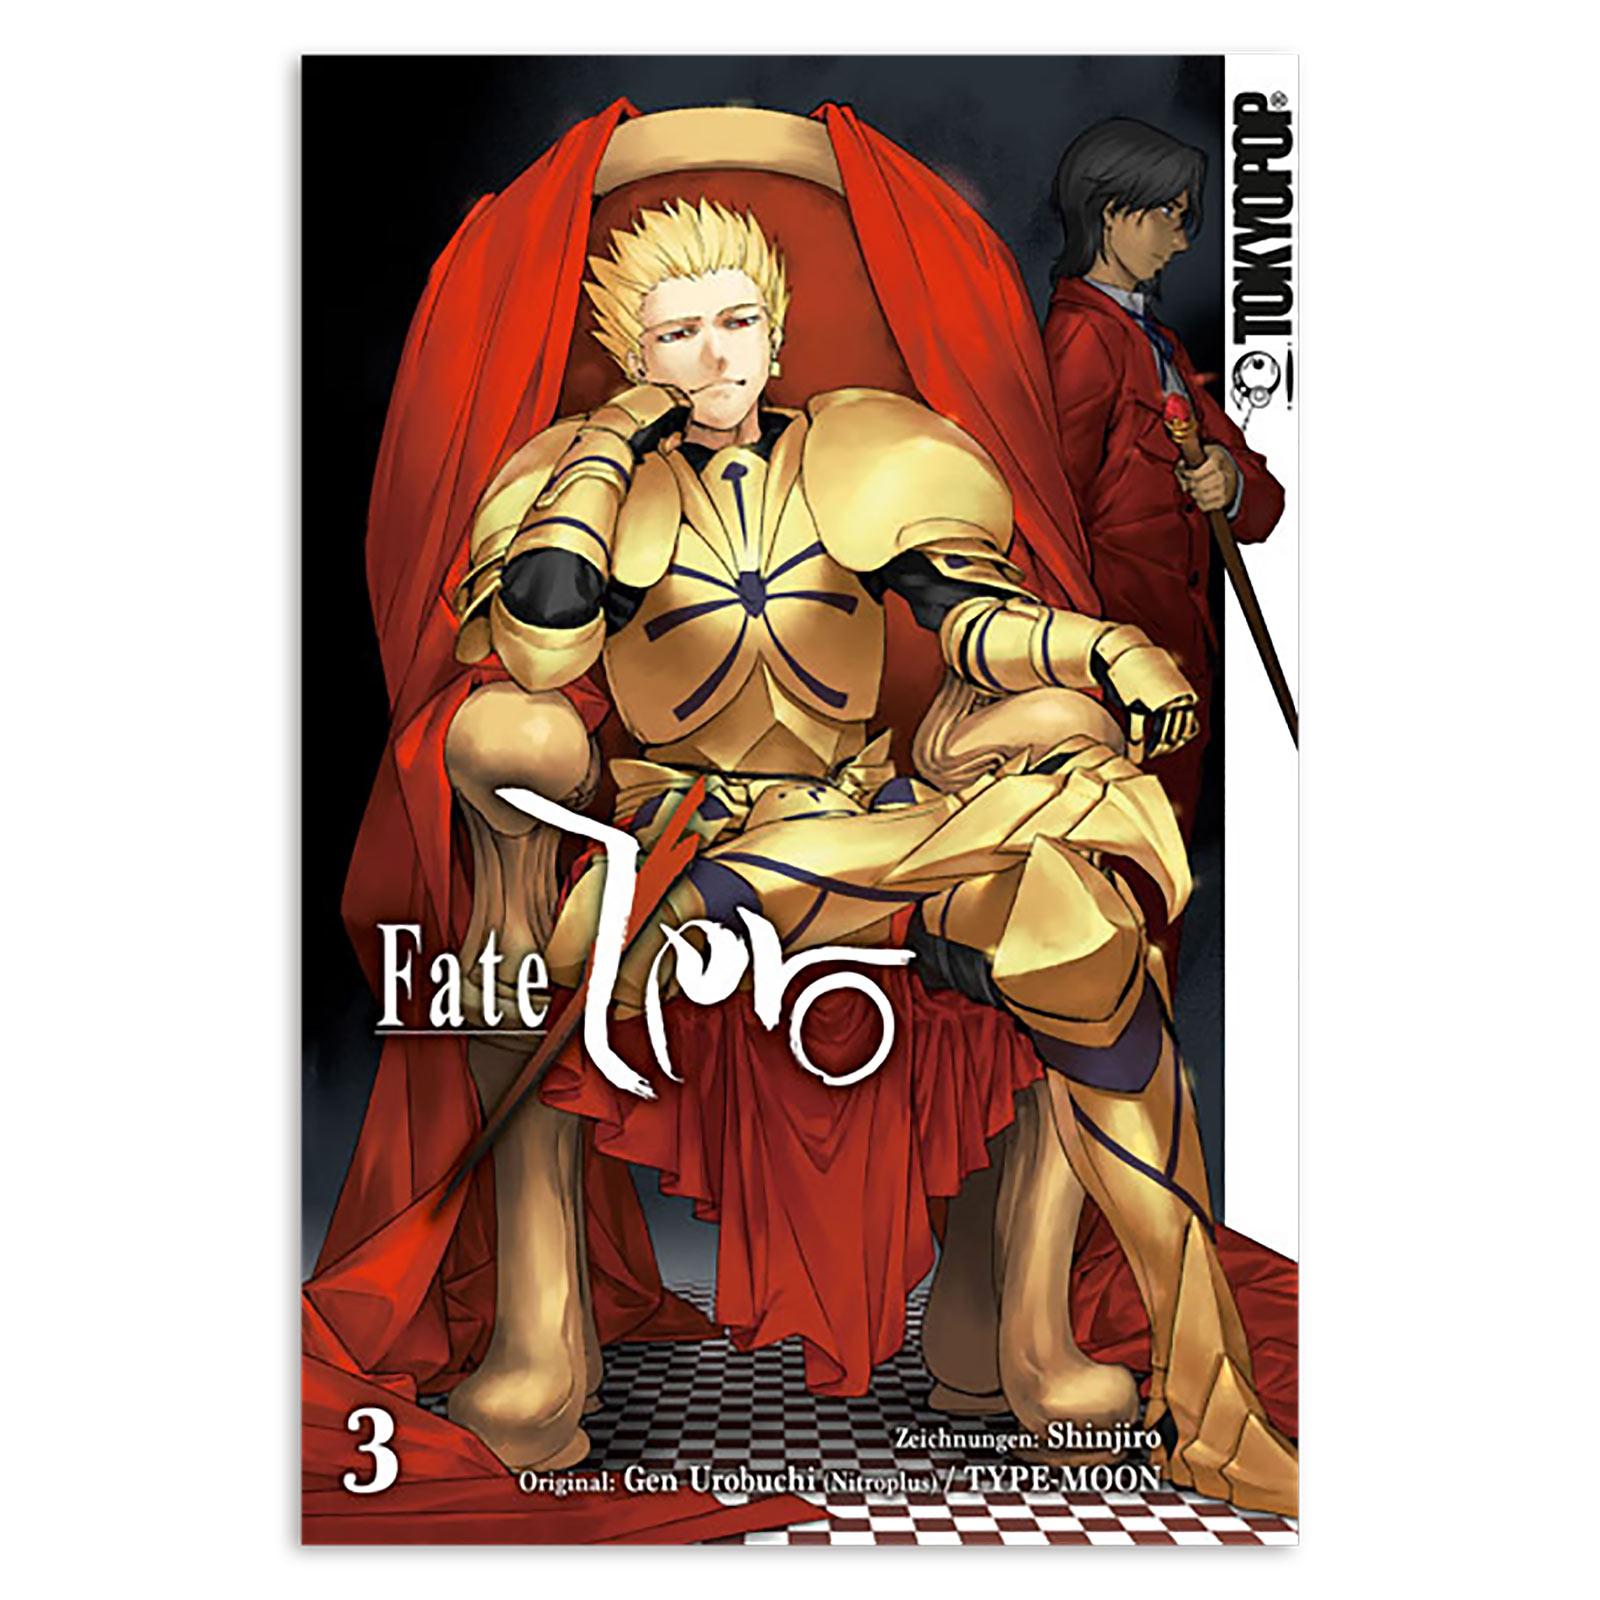 Fate/Zero - Band 3 Taschenbuch